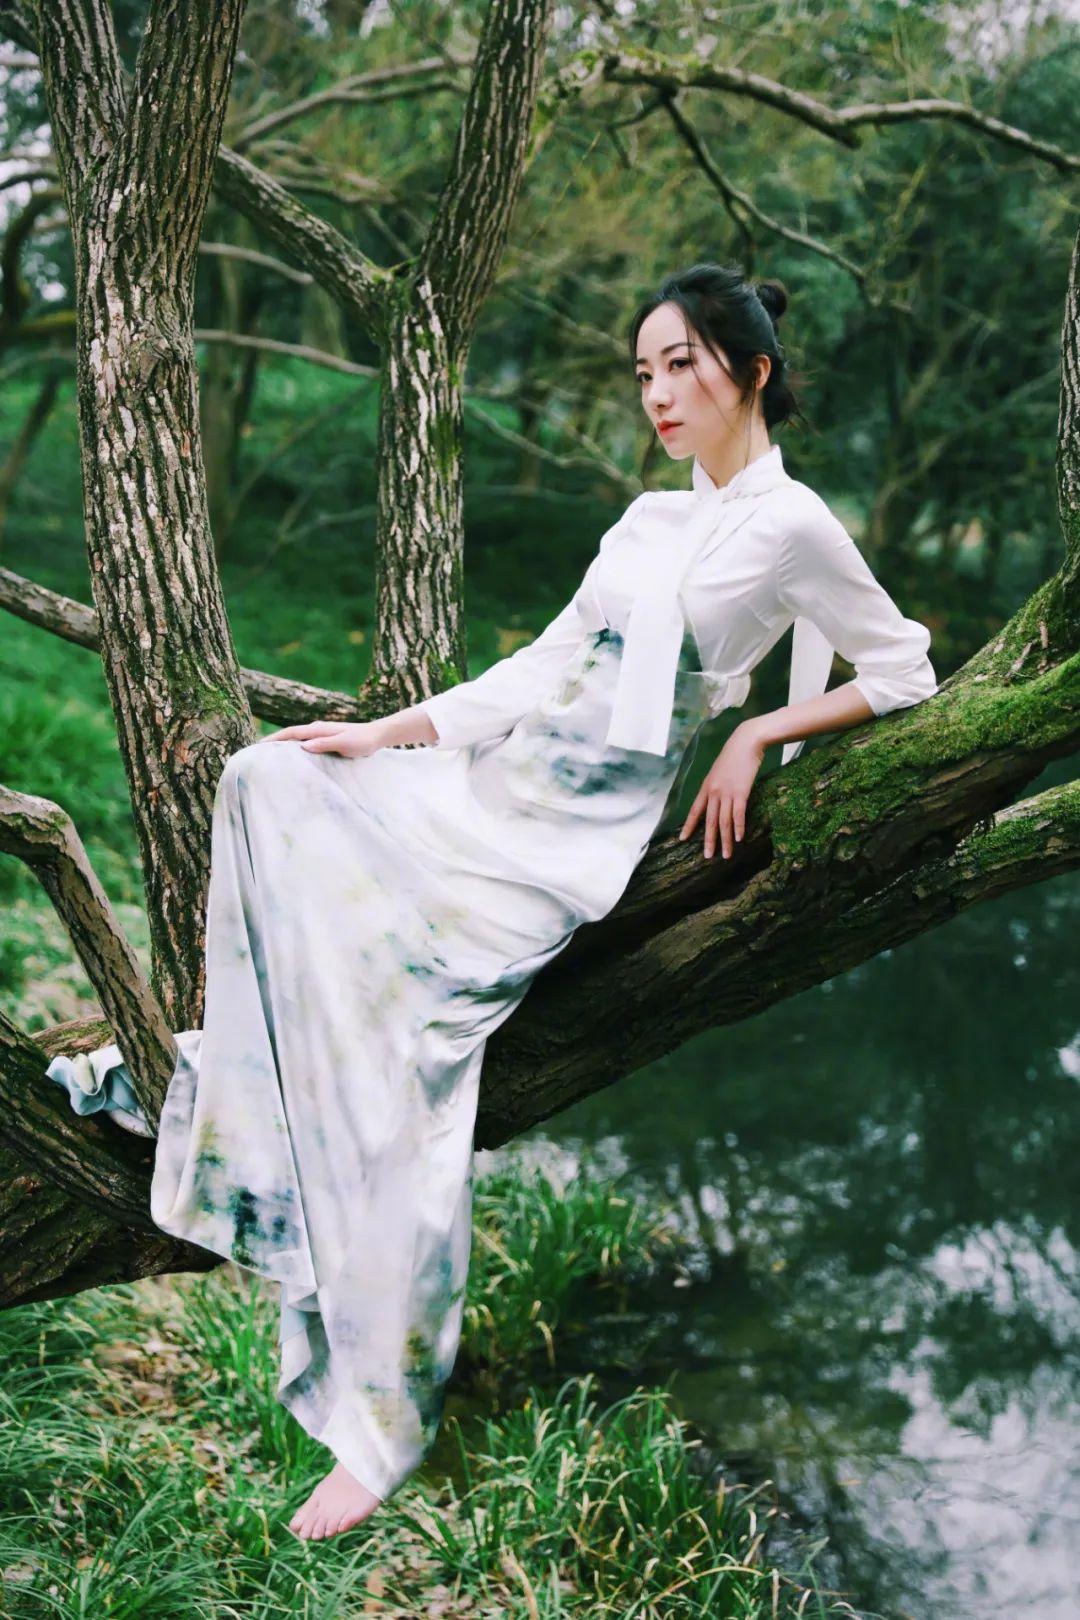 生活时尚_知性美的韩雪,她的脚你喜欢吗? - 知乎